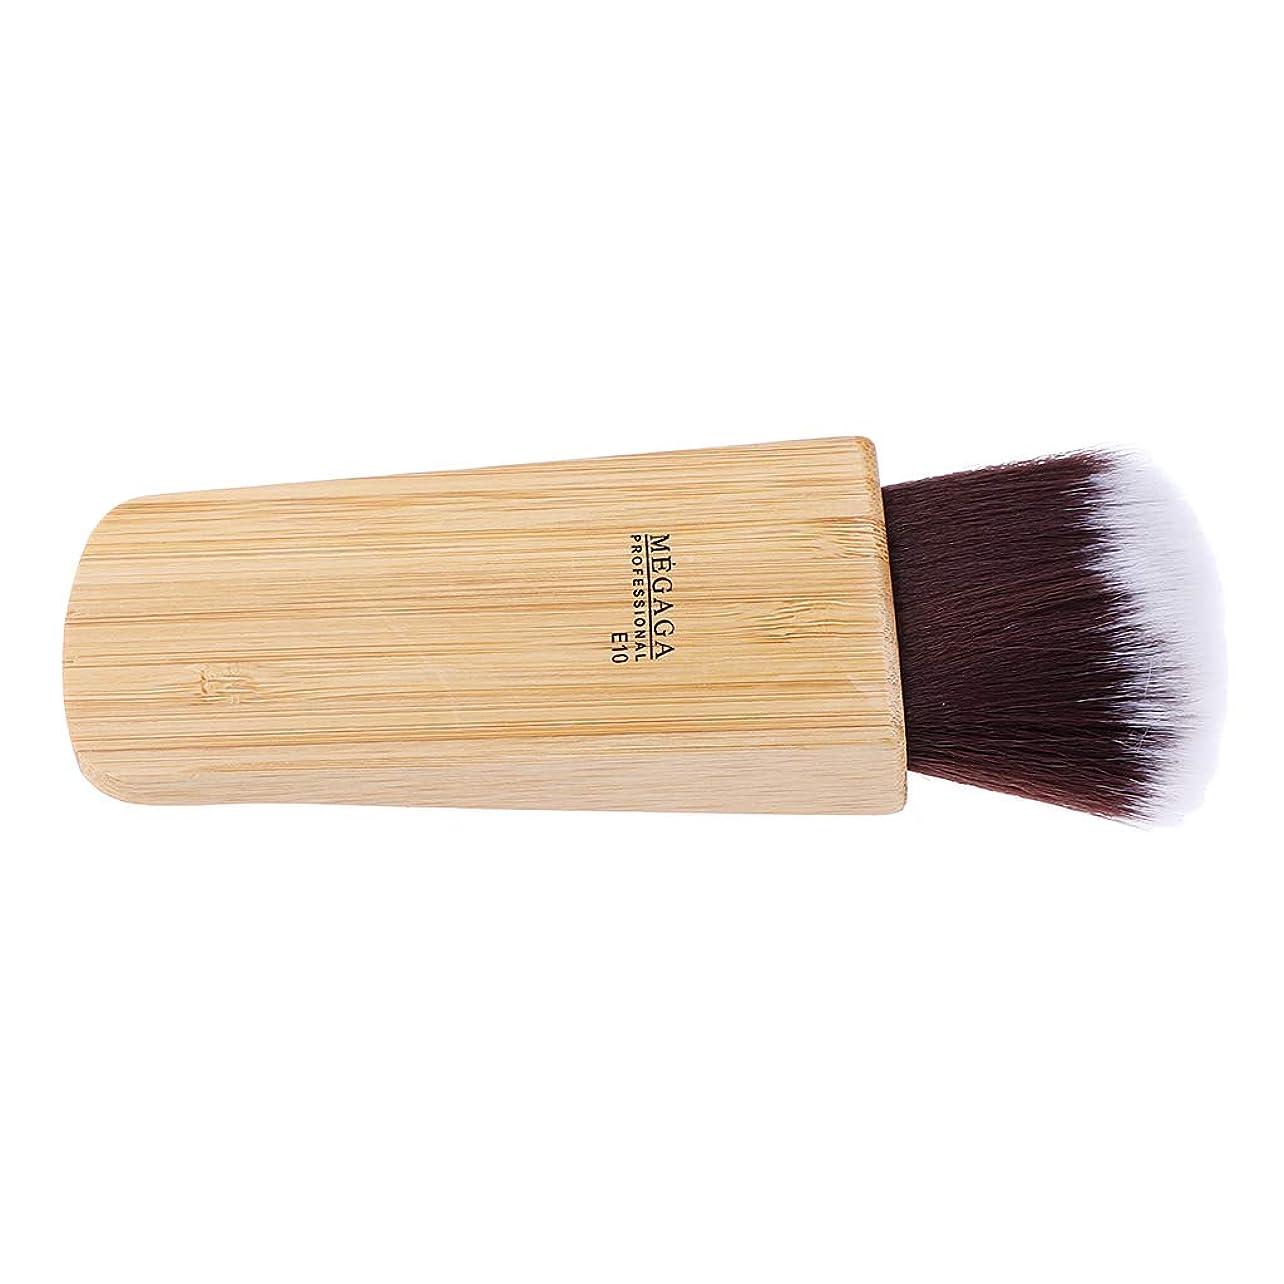 コンサートゆりキッチンF Fityle ネックダスターブラシ ヘアカット ネックブラシ 洗浄 ヘアブラシ 理髪美容ツール